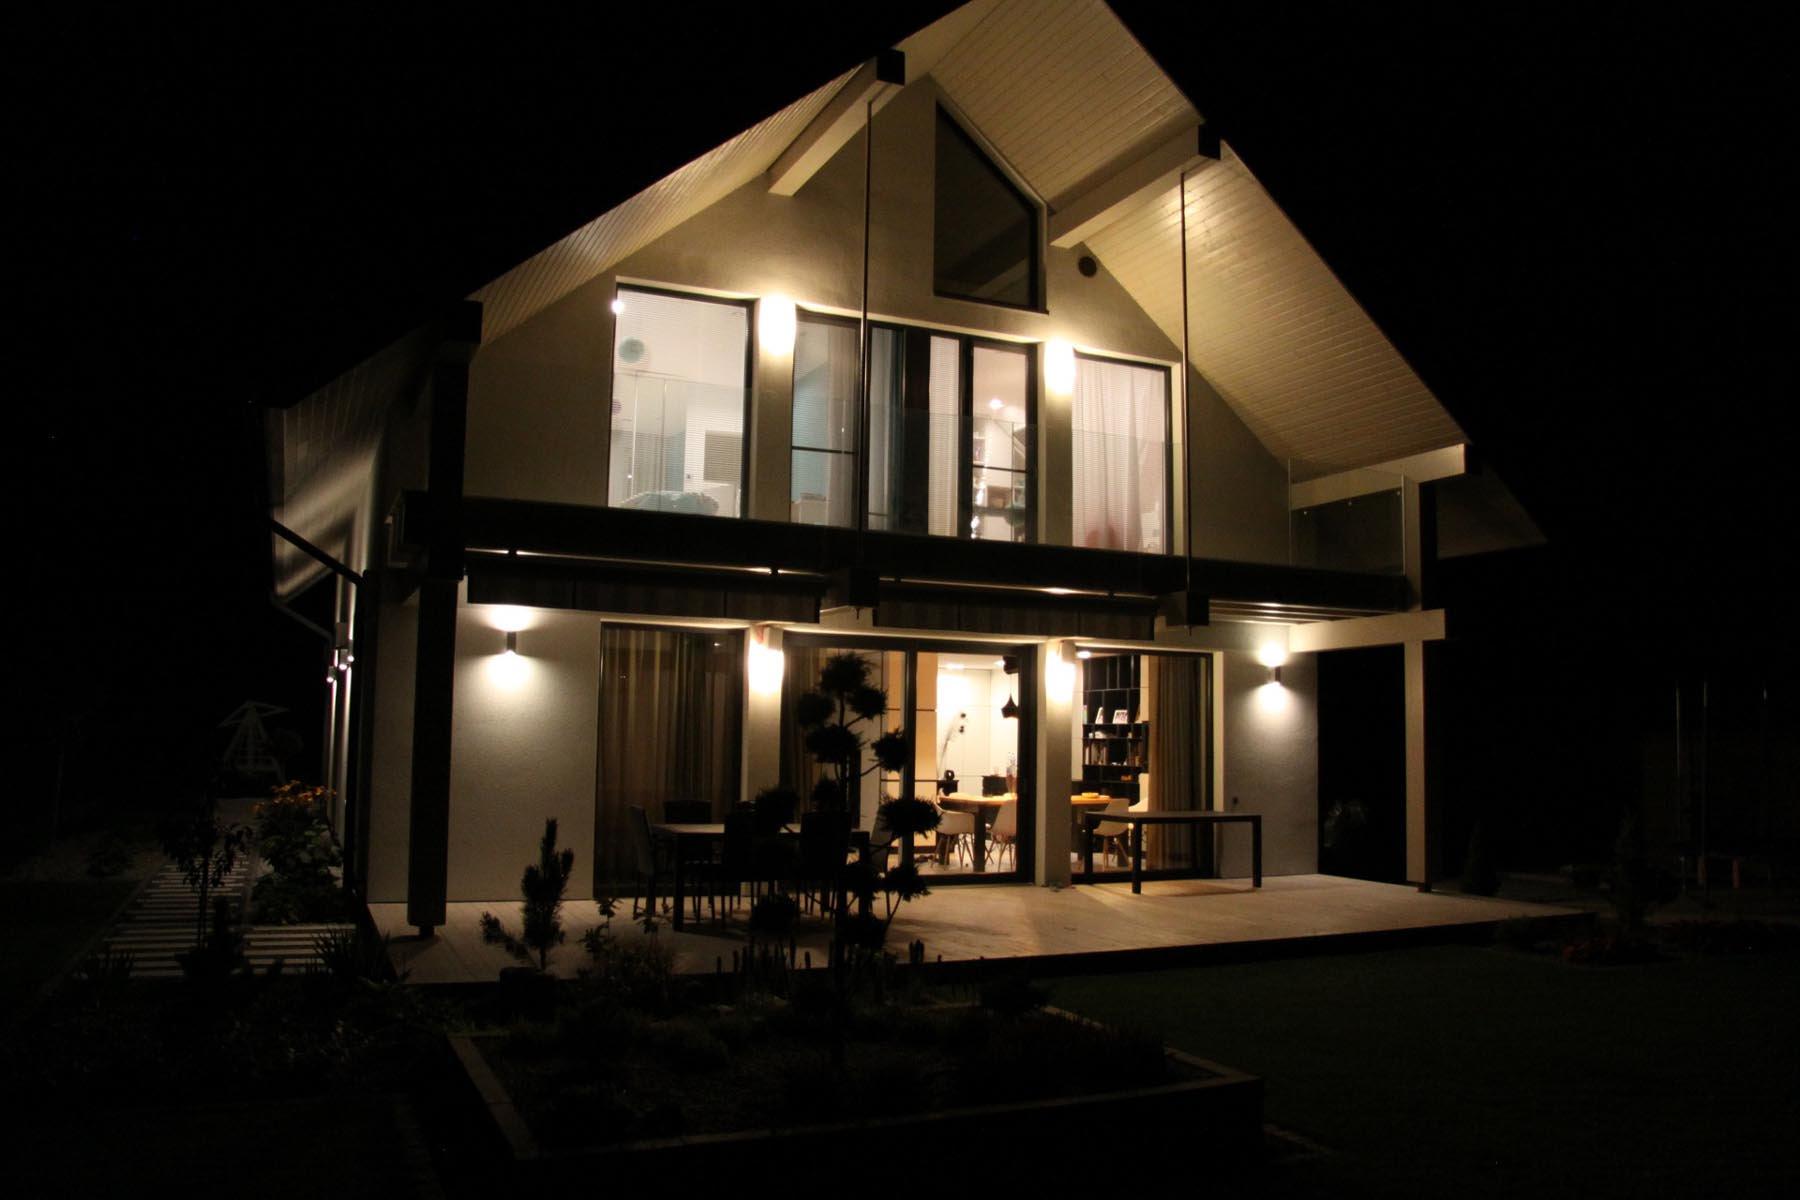 projekt-domu-otwarty-4-fot-16-1477055693-xfngeje9.jpg